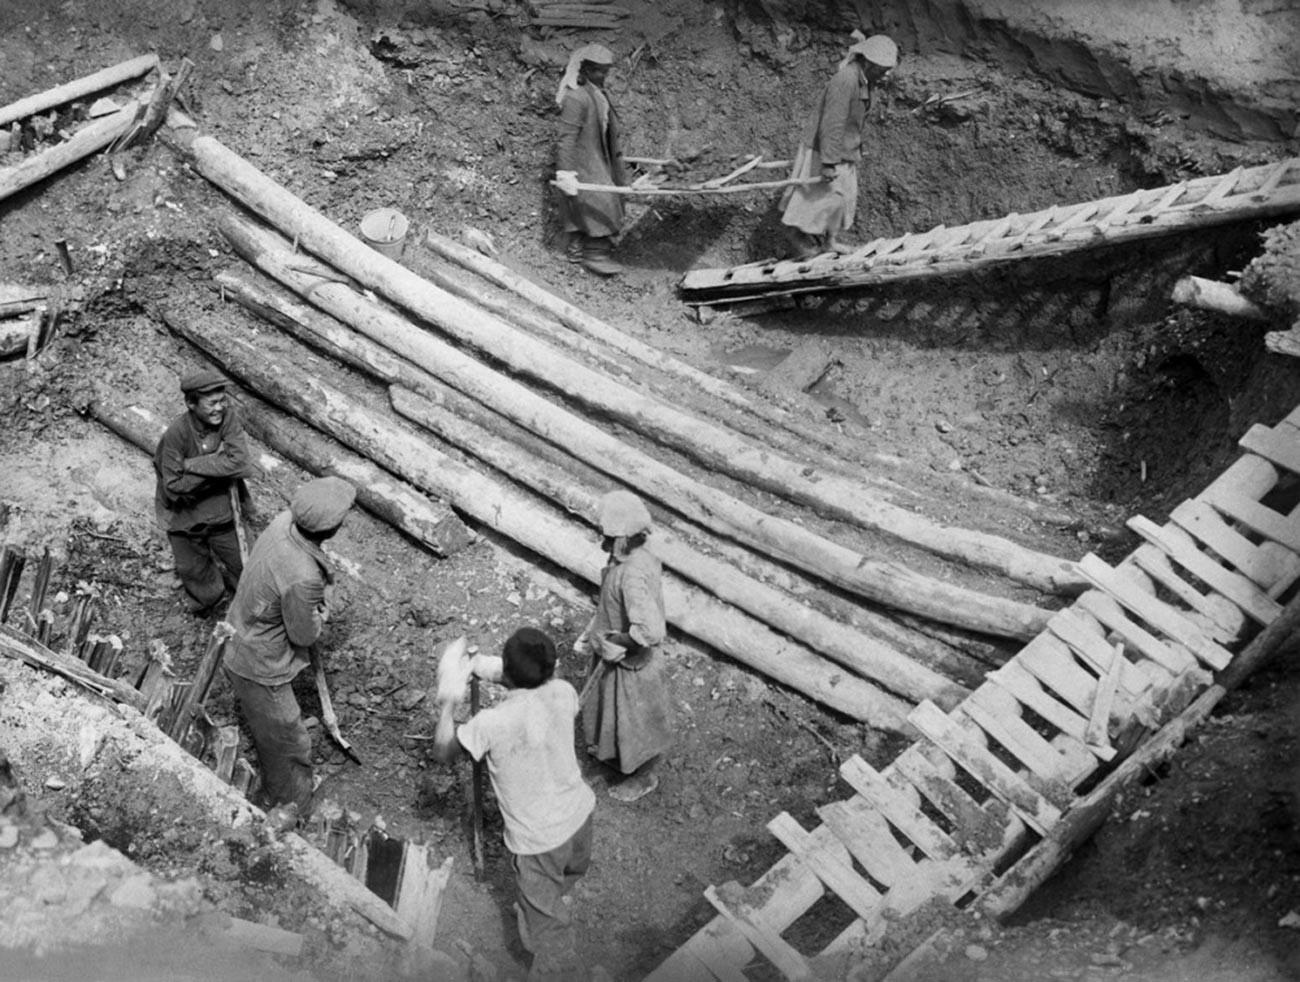 Izkopavanje Paziriške grobnice. Na sliki so vidni hlodi podzemne